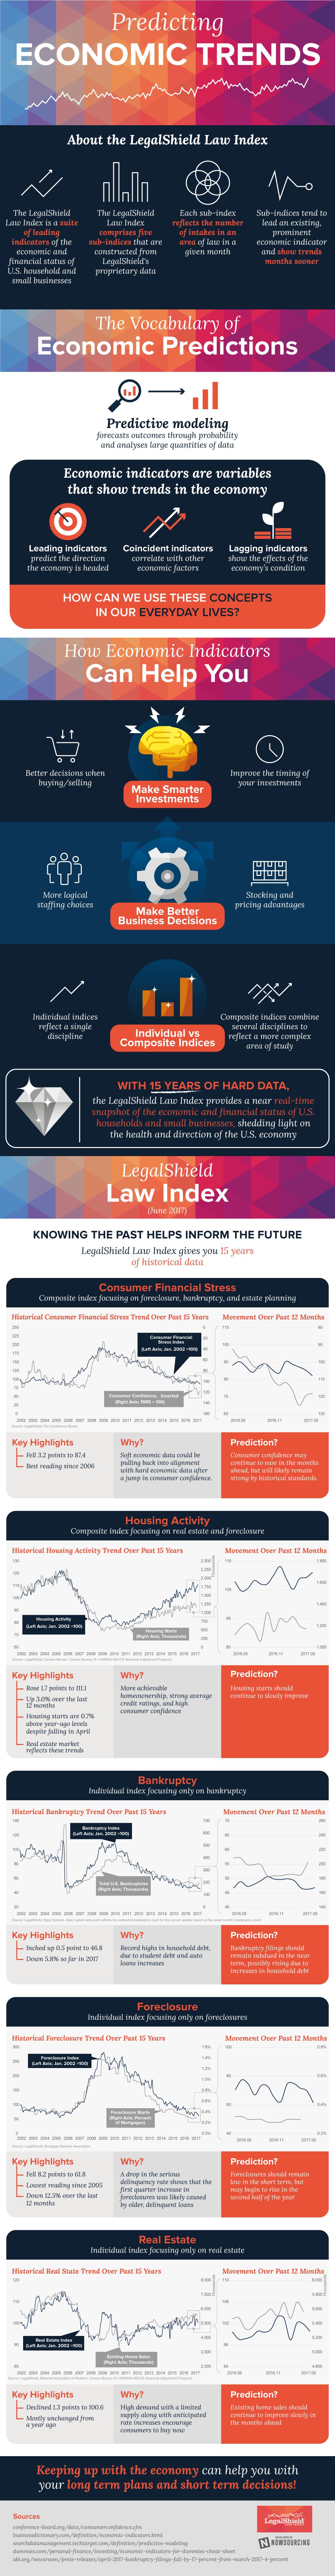 Predicting Economic Trends